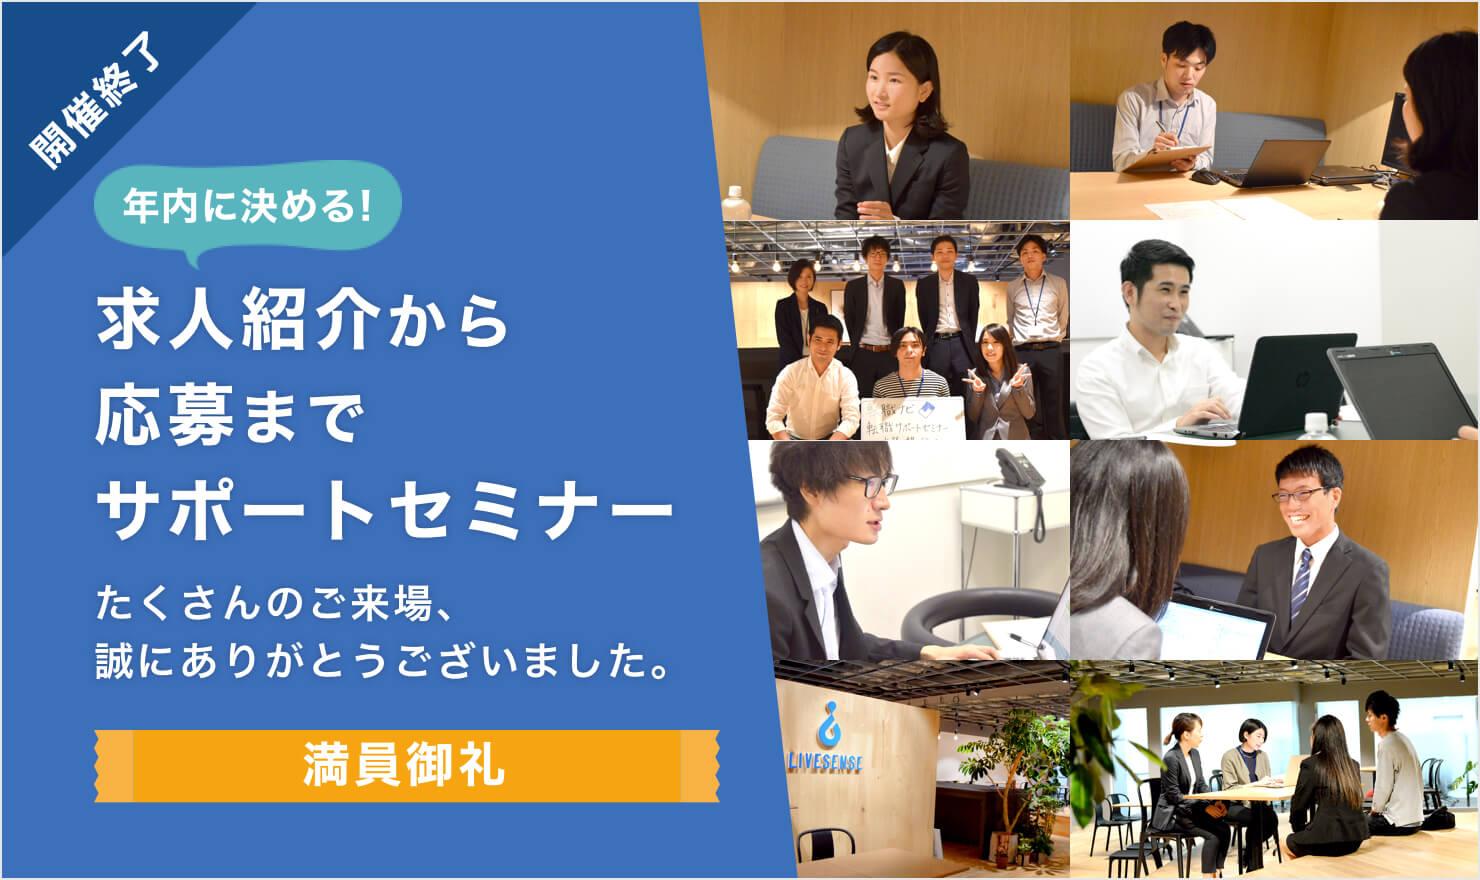 【詳細レポート!】年内に決める!求人紹介から応募書類作成までサポートセミナー